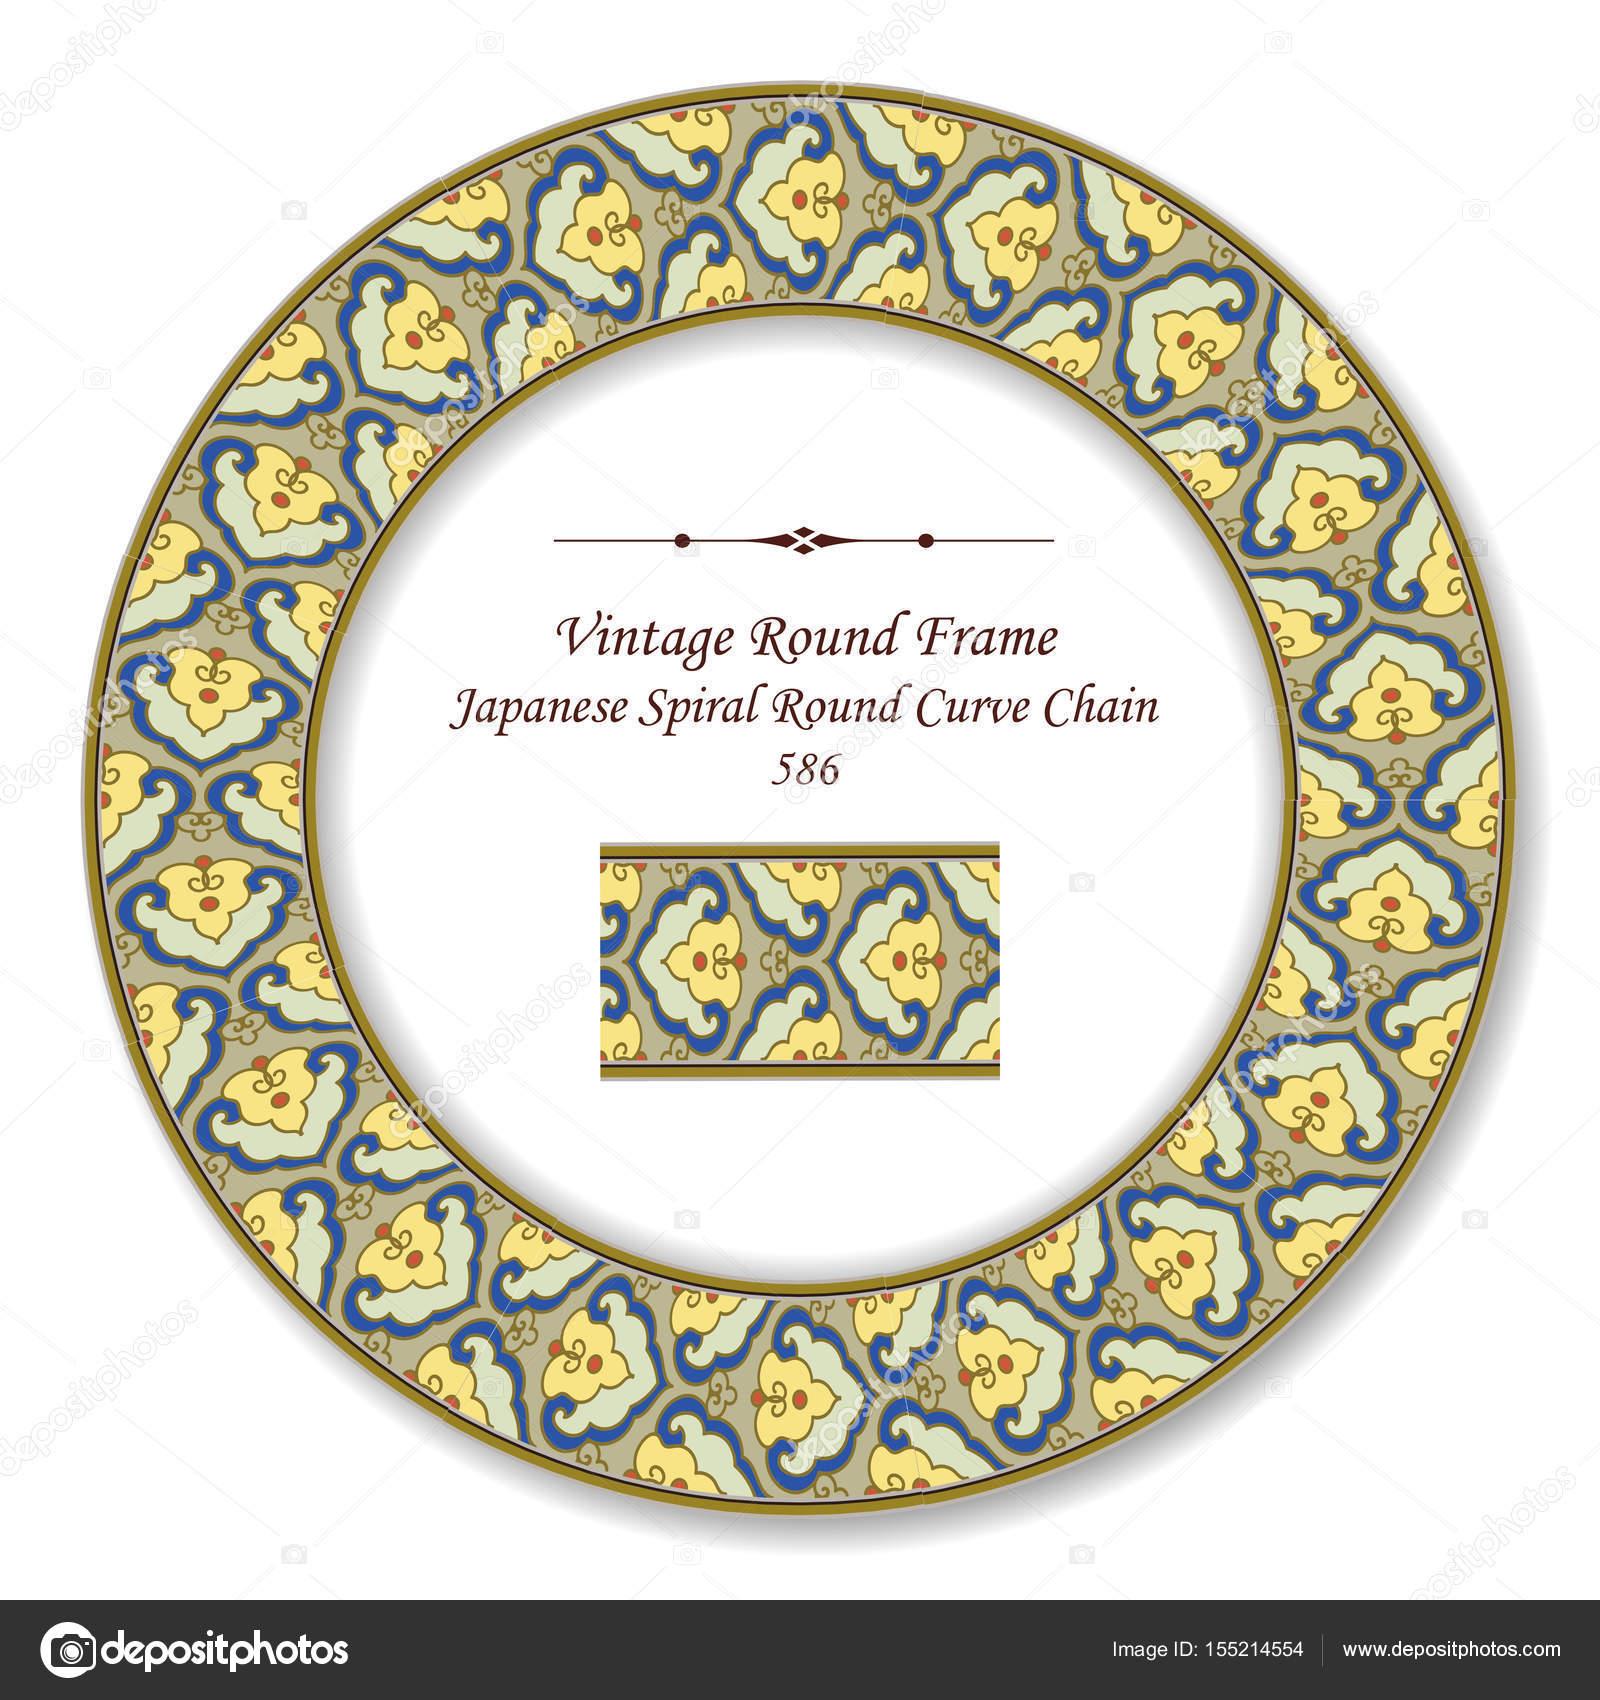 Vintage runden Retro-Rahmen Japanisch Spirale Runde Runde Kurve Chai ...